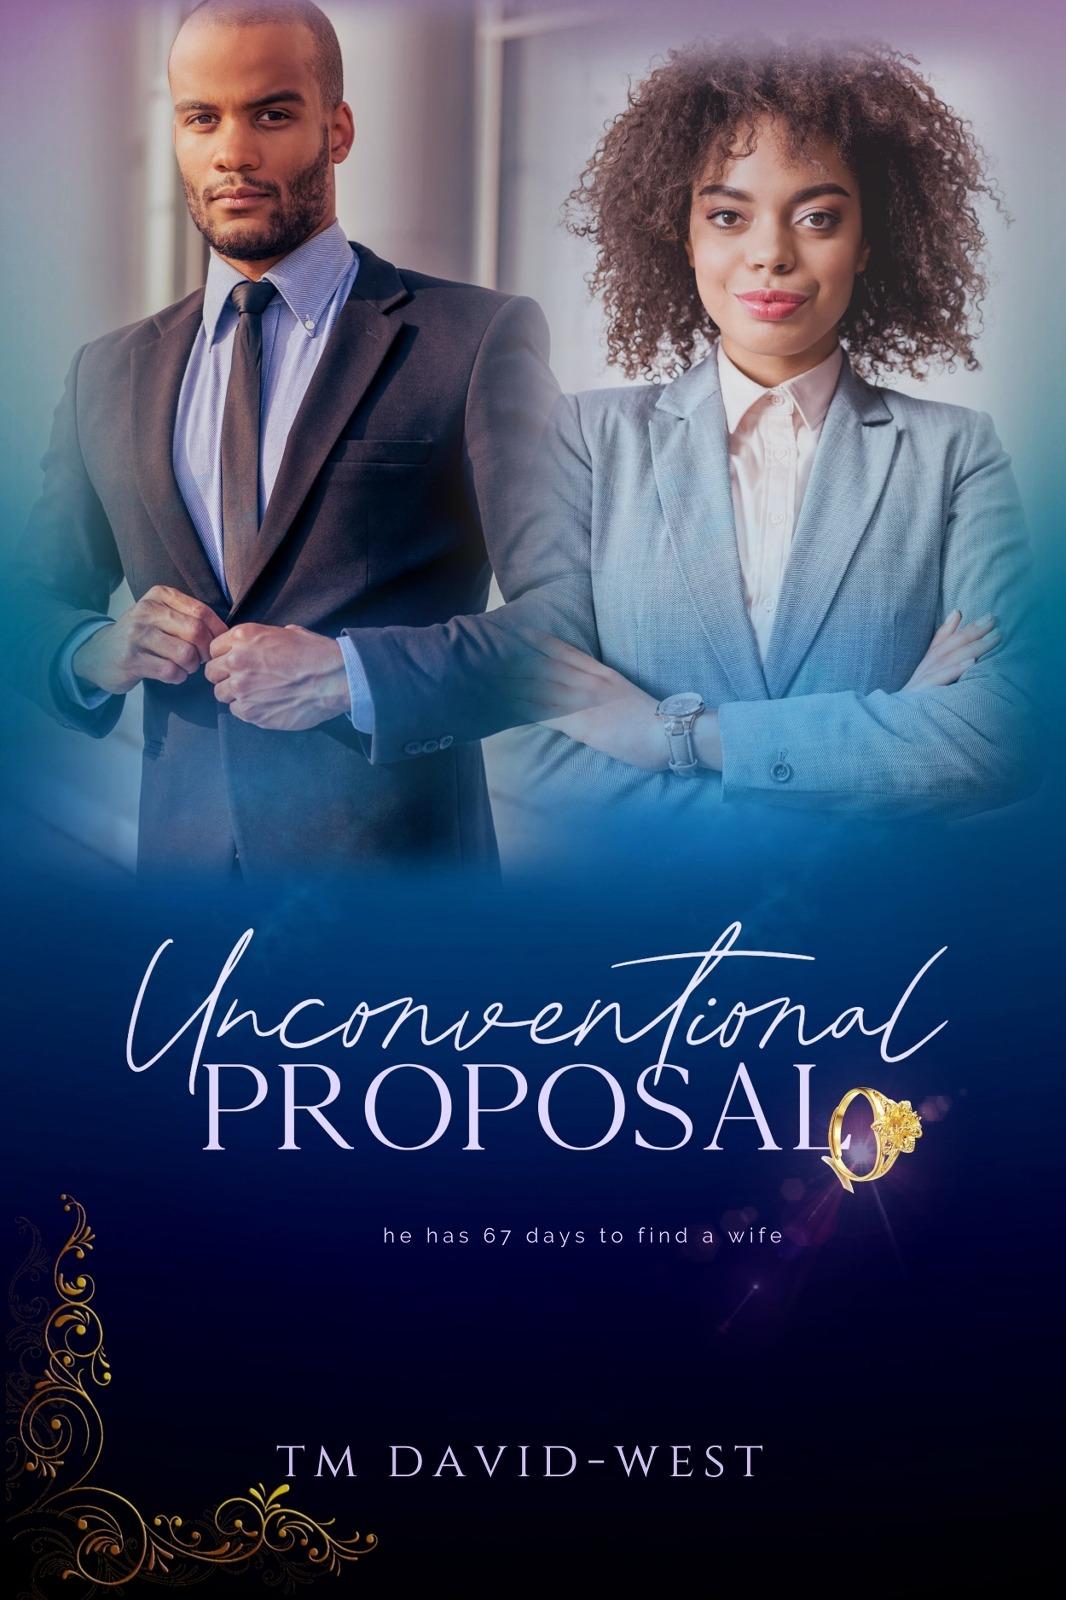 Unconventional Proposal (Glimpse)